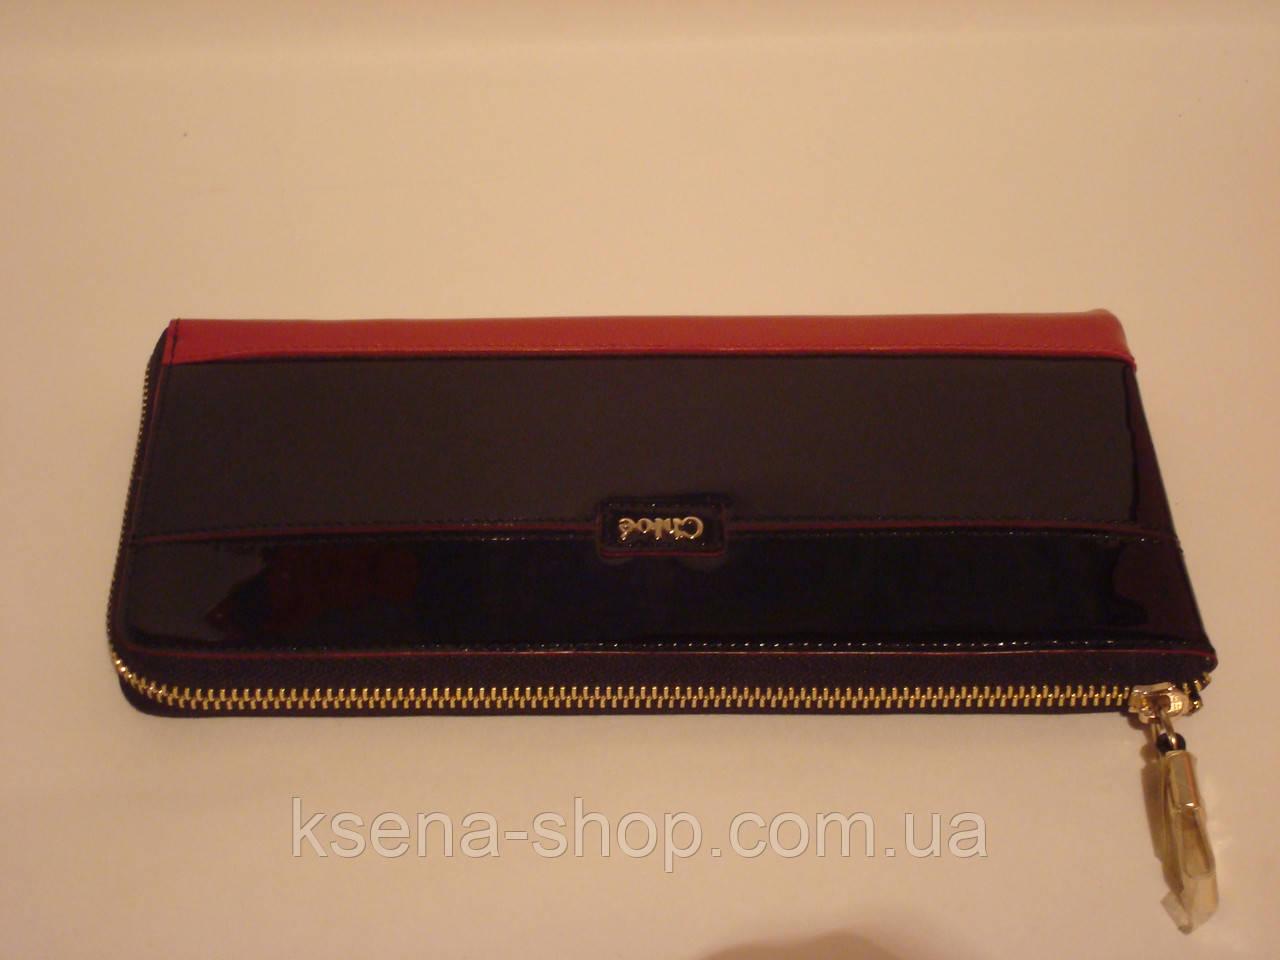 d4657ef4e1af Женский клач кошелек Chloe-5, цена 650 грн., купить в Одессе — Prom.ua  (ID#96492210)